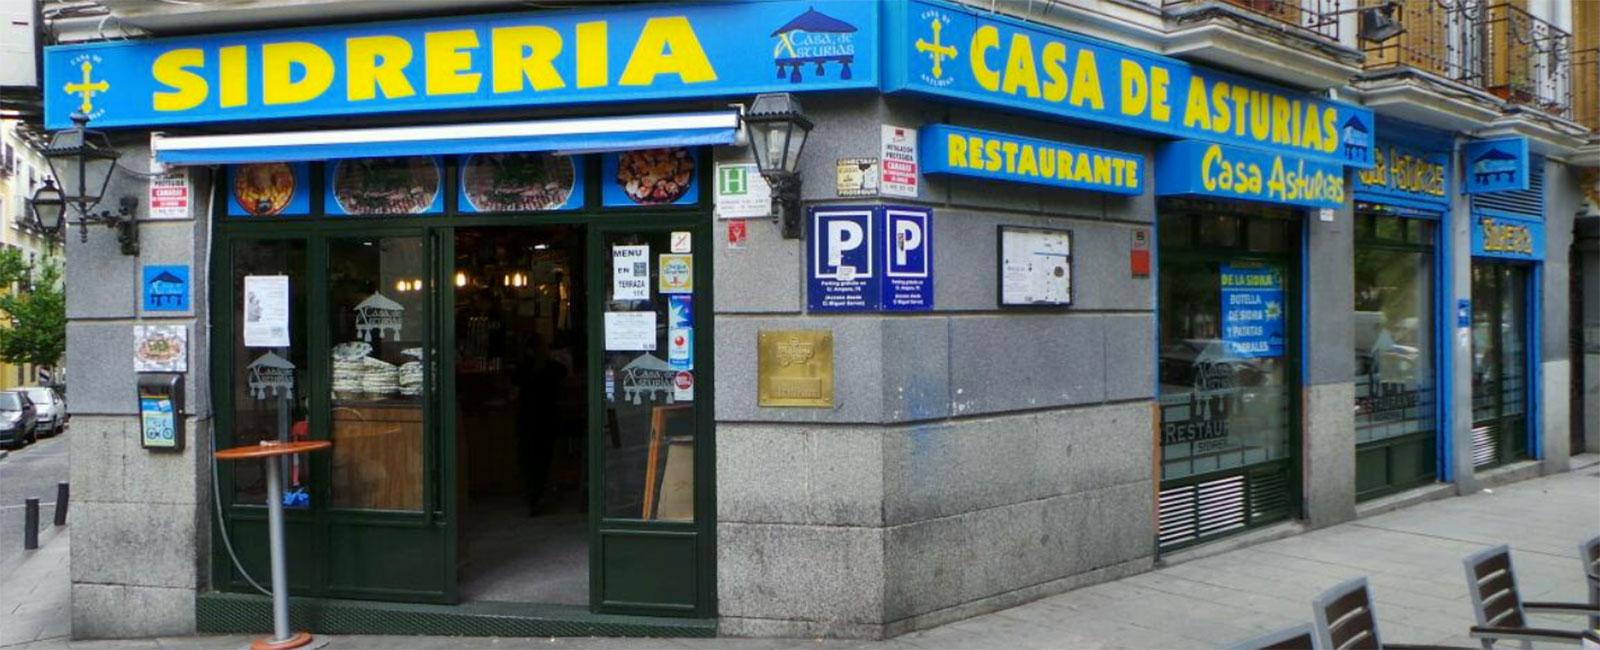 Sidreria Asturiana en Madrid